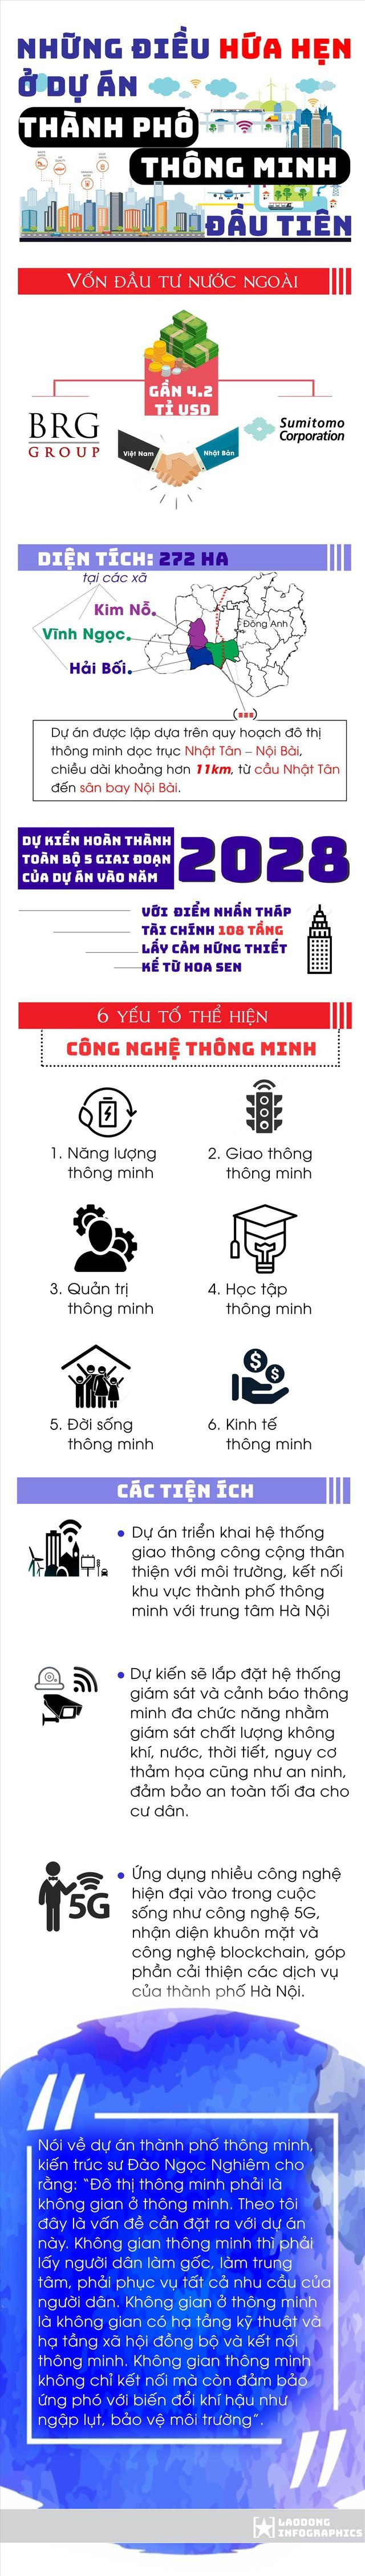 Infographic: Những điều hứa hẹn ở thành phố thông minh trong lòng Hà Nội - Ảnh 1.